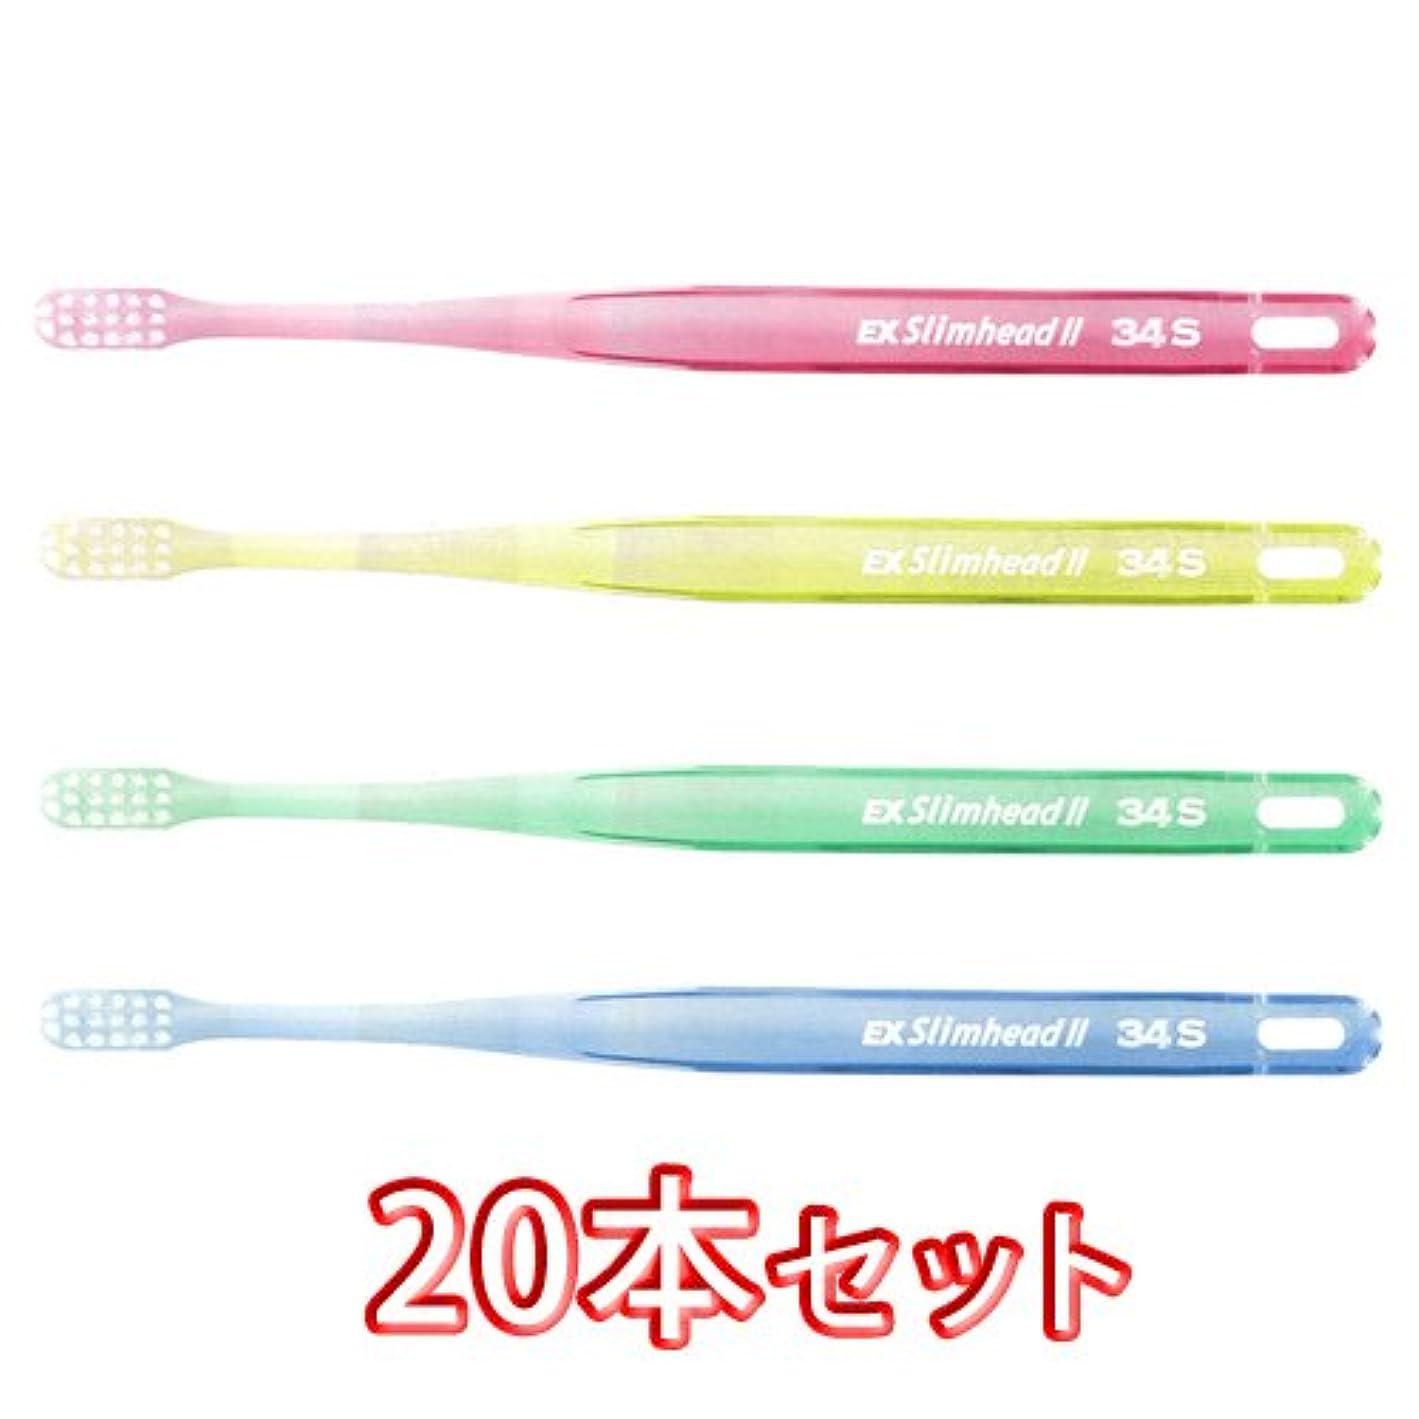 寛大さ作物手段ライオン スリムヘッド2 歯ブラシ DENT . EX Slimhead2 20本入 (34S)